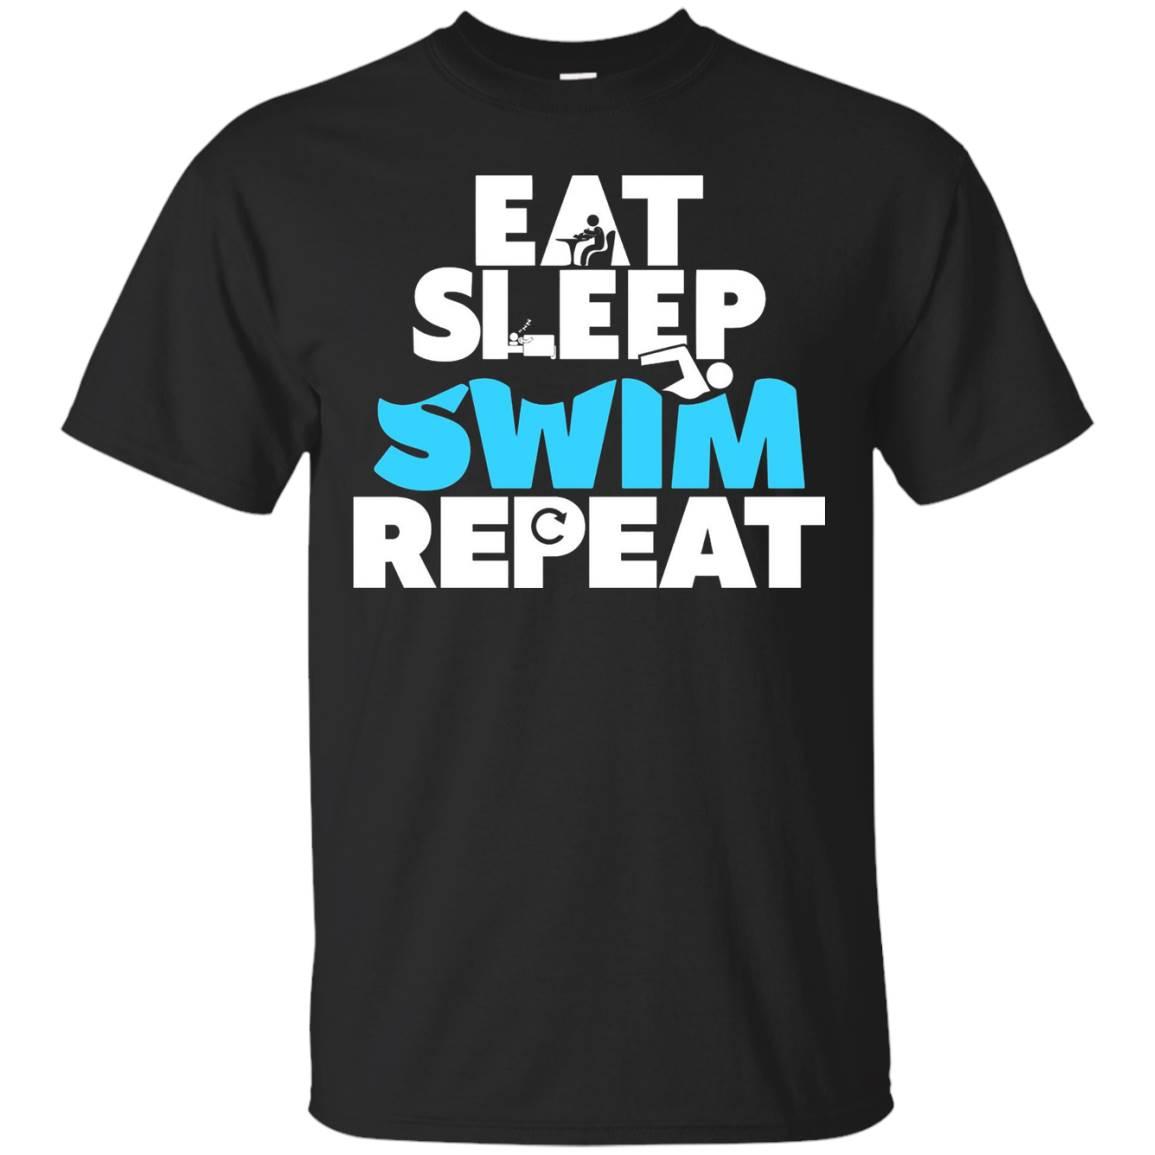 Eat, Sleep, Swim, Repeat – Swimming T-shirt